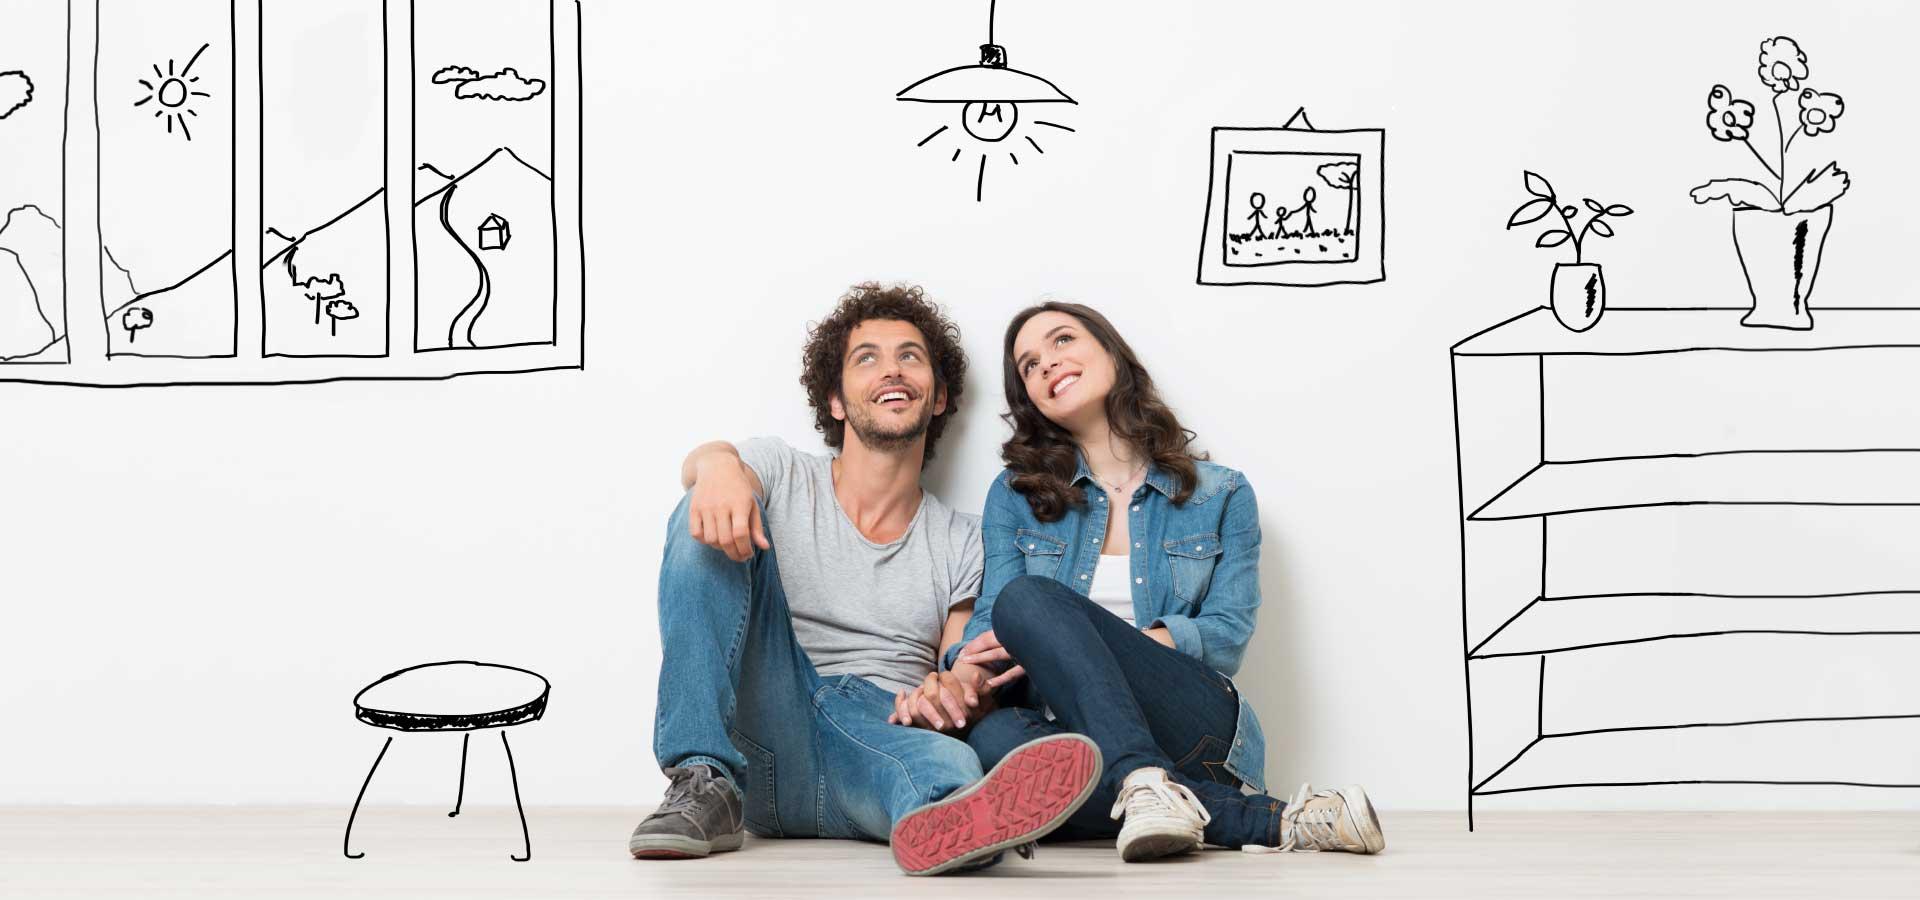 gz immobilien dresden wohnungen suchen ein zuhause finden. Black Bedroom Furniture Sets. Home Design Ideas